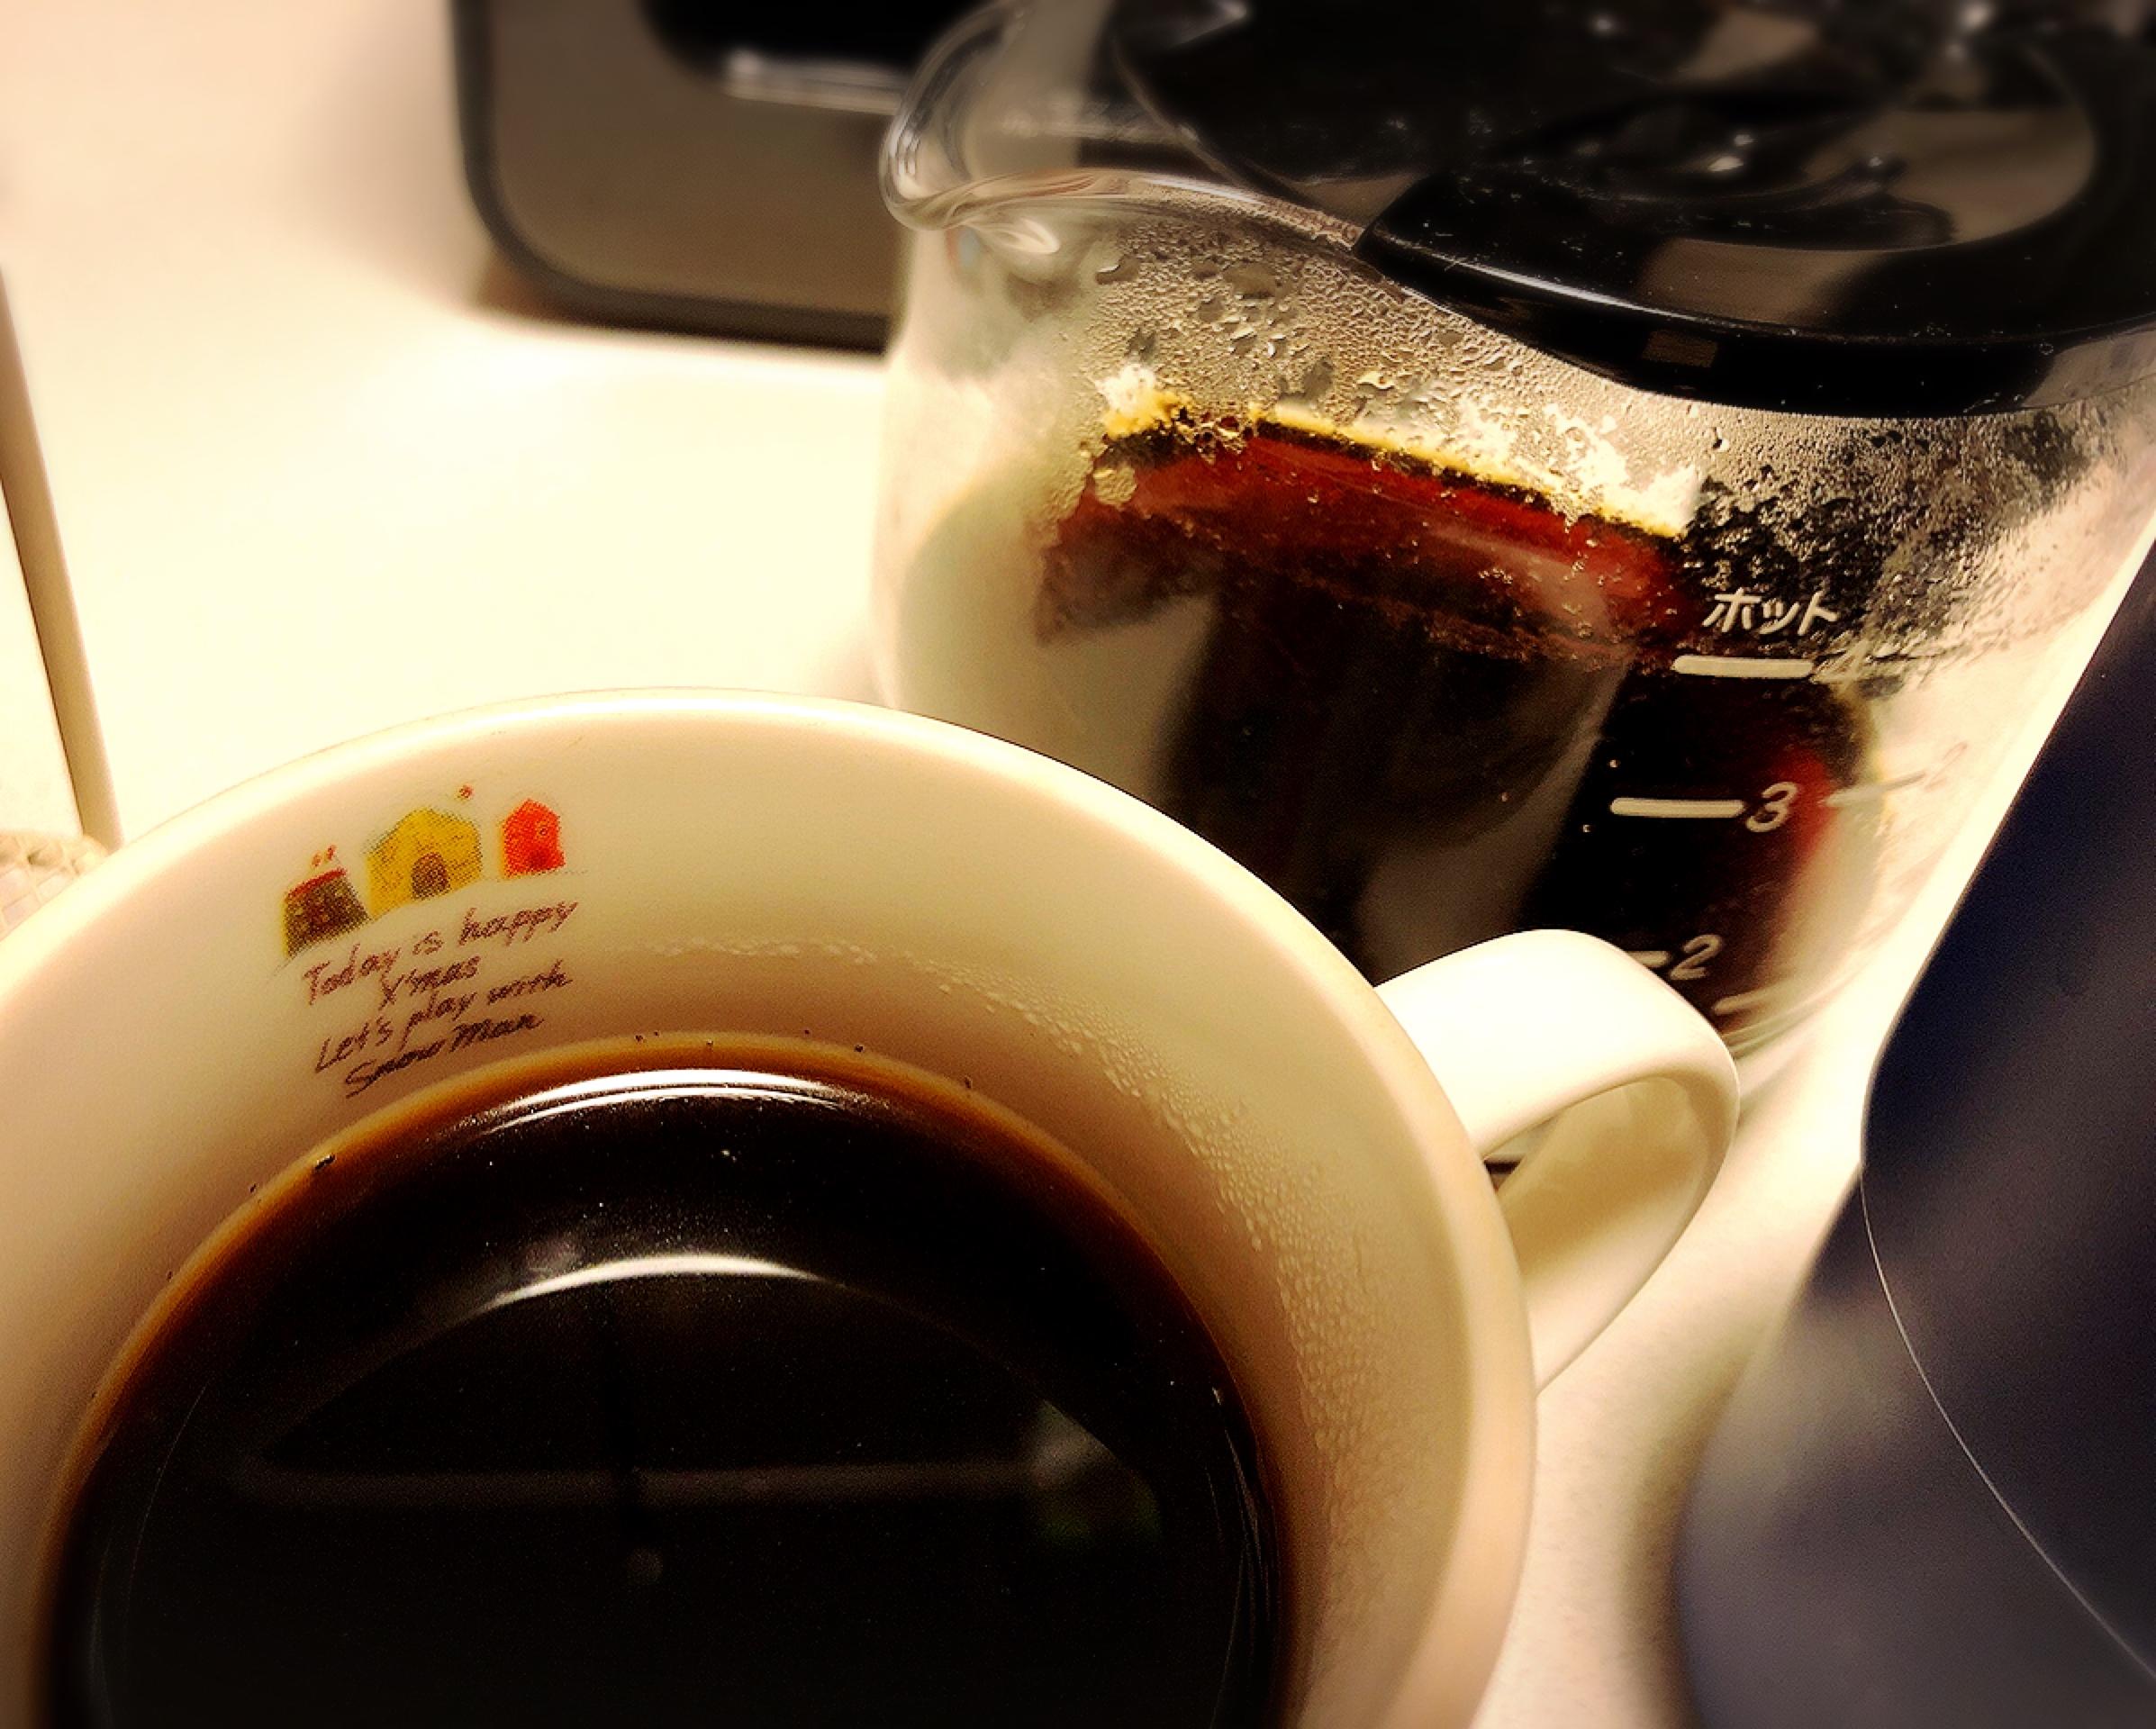 【#キッチン家電】おうちカフェ コンパクトで可愛いのに超優秀☕︎豆から挽ける簡単3ステップコーヒーメーカー♩_4